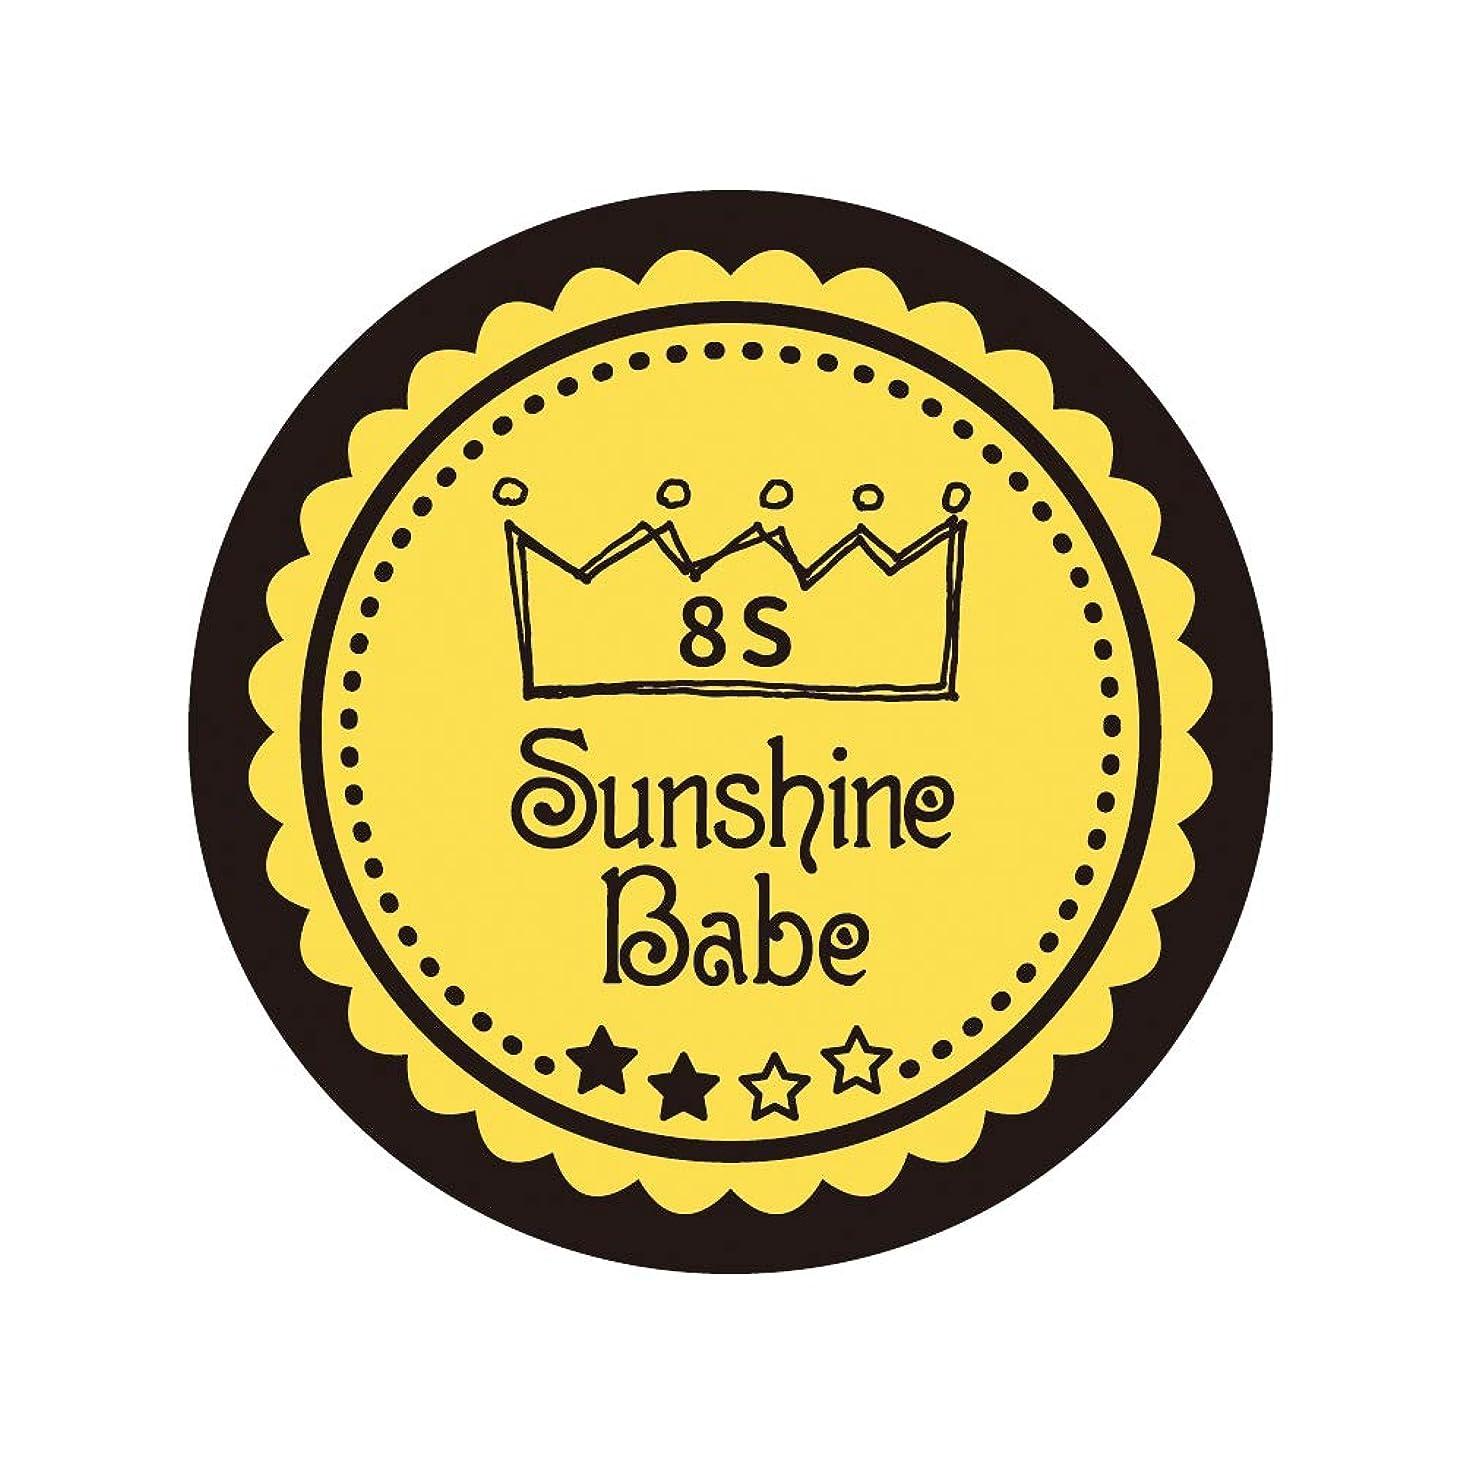 自己尊重登録する義務Sunshine Babe コスメティックカラー 8S メドウラーク 4g UV/LED対応